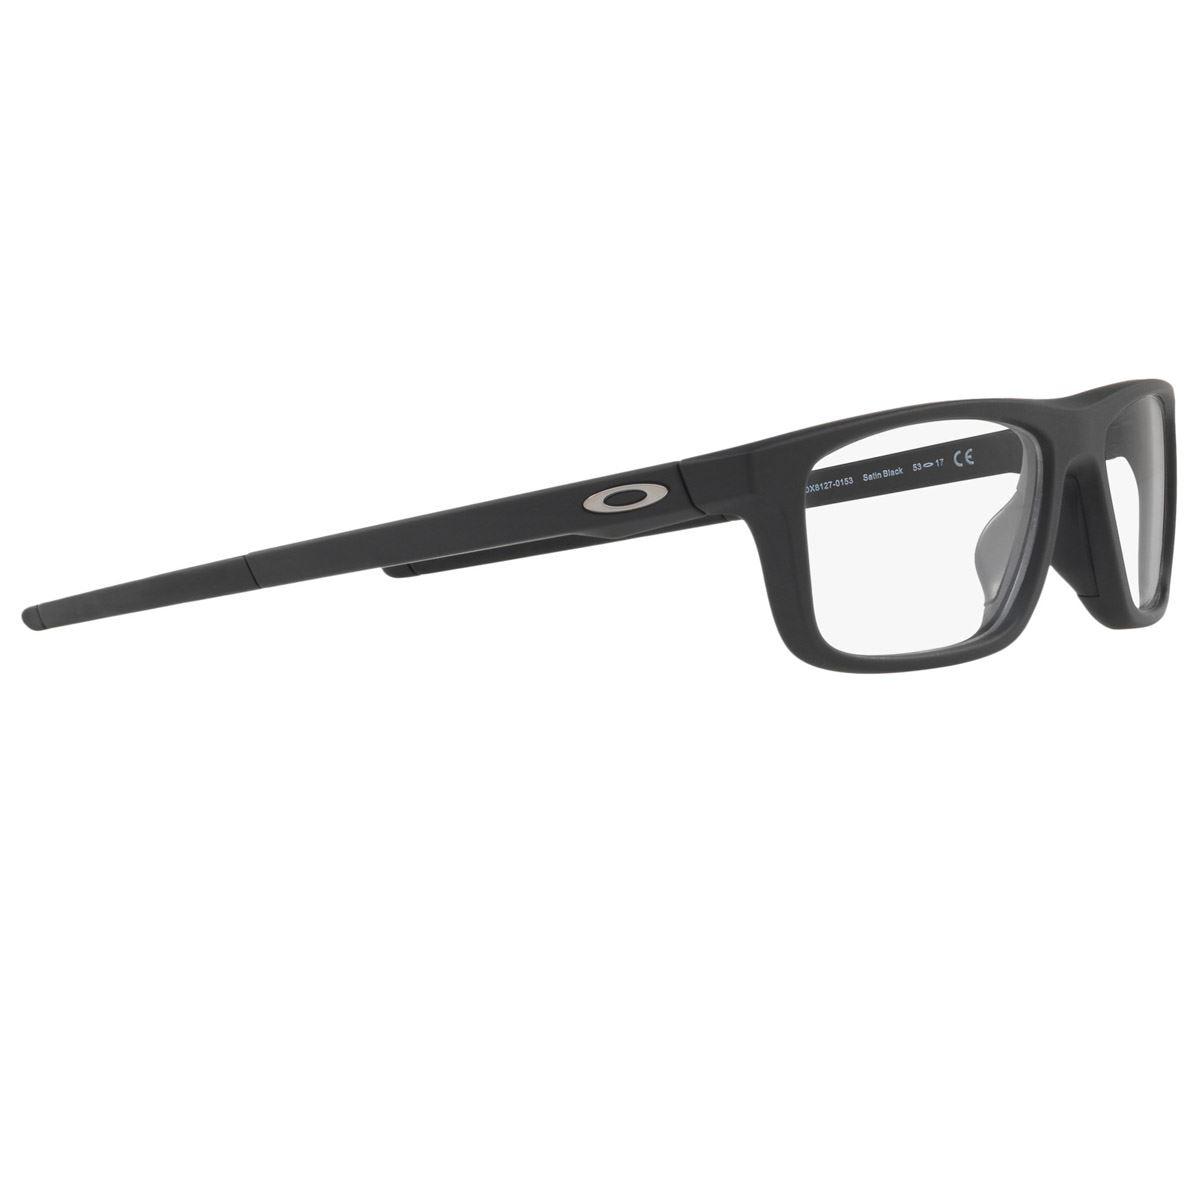 Oakley pommel armazón negro inyectado  - Sanborns